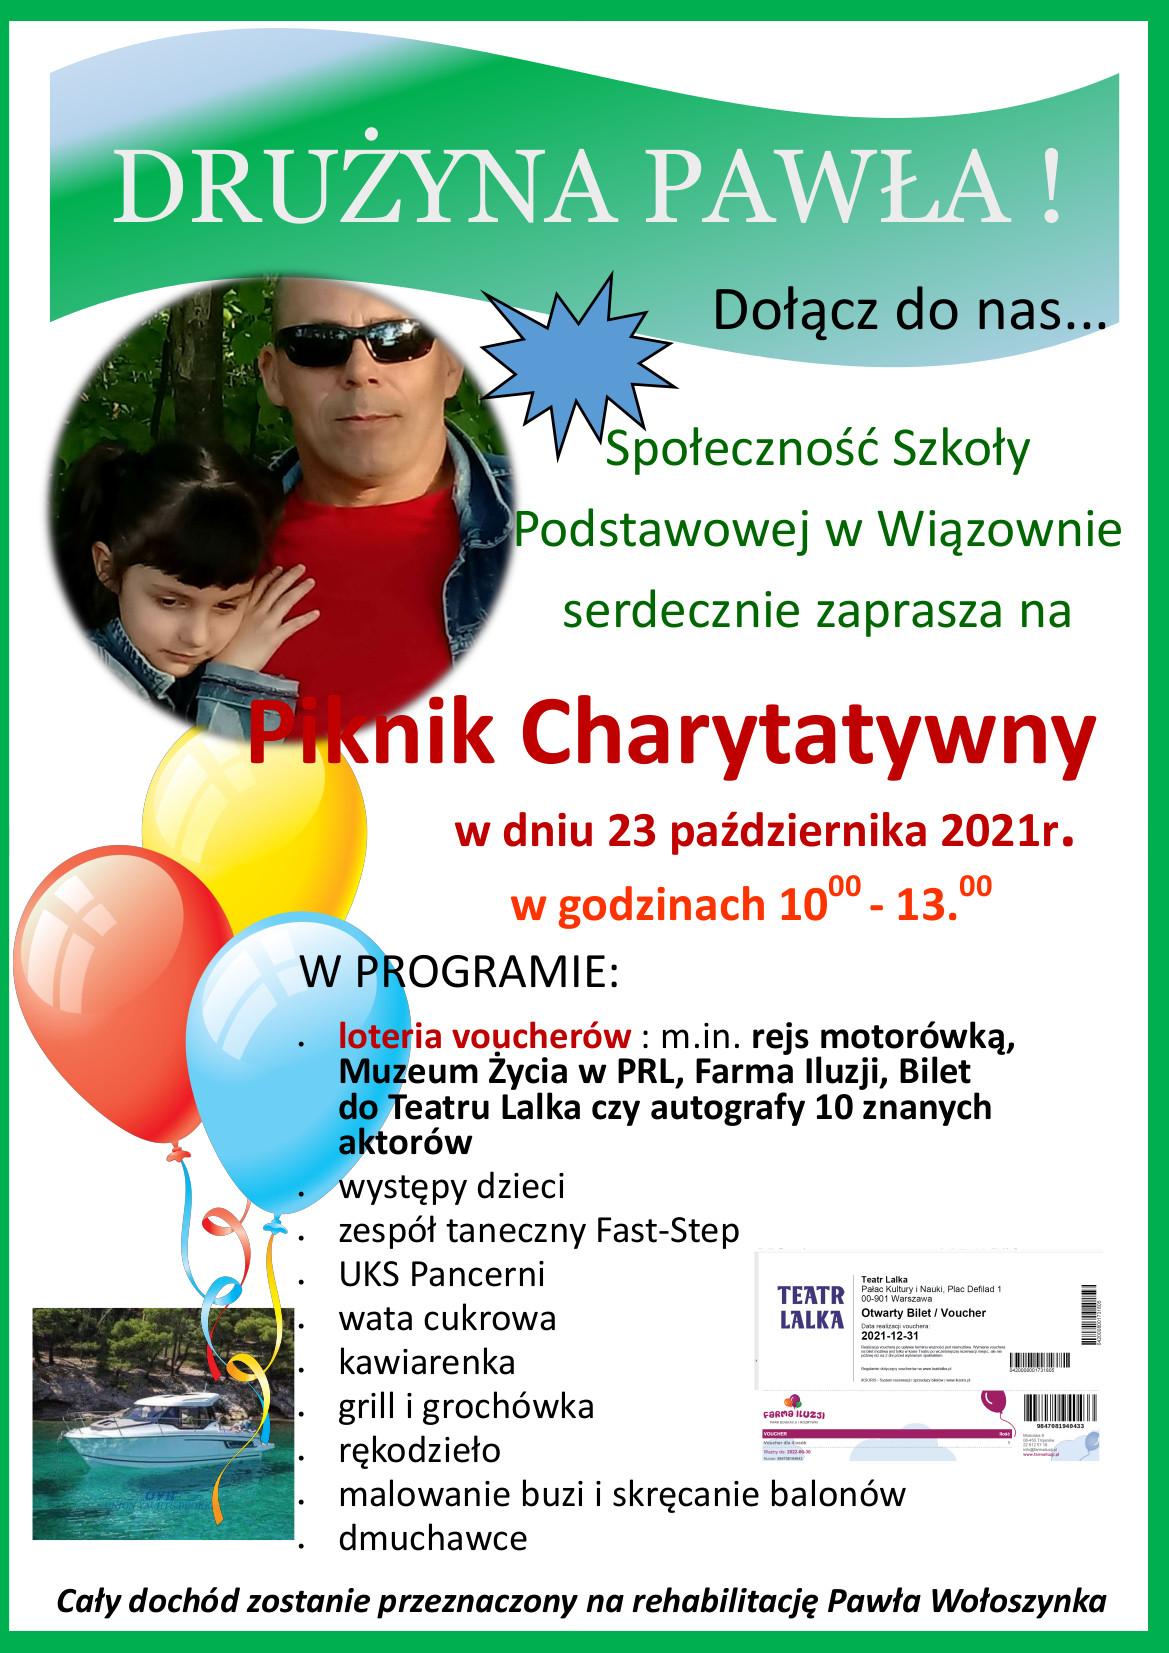 Plakat informujący o pikniku charytatywnym 23 października w godz. 10.00 - 13.00 przy szkole w Wiązownie